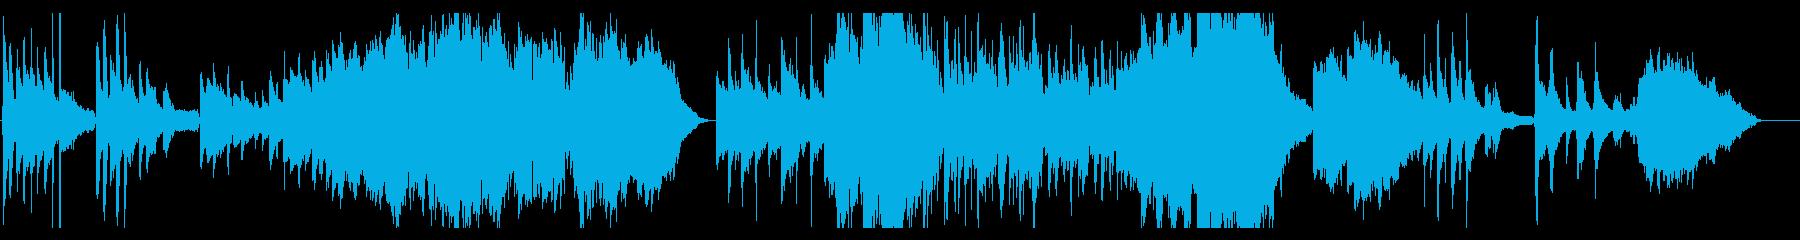 ノスタルジーなピアノ・ストリングスの再生済みの波形